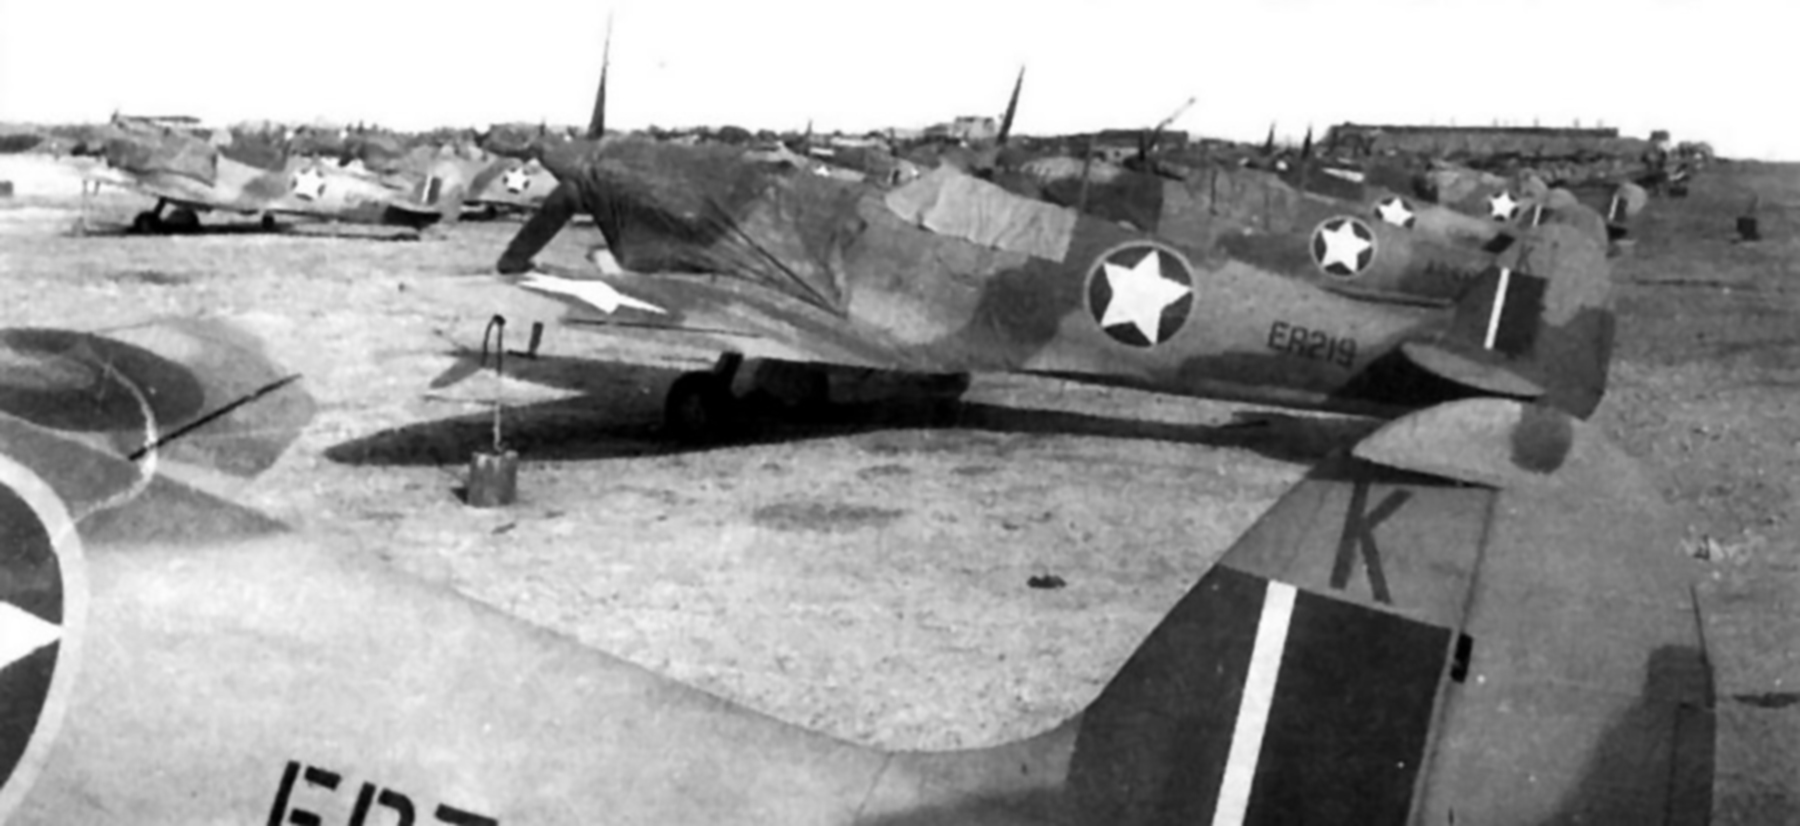 Spitfire MkVbTrop USAAF ER219 01